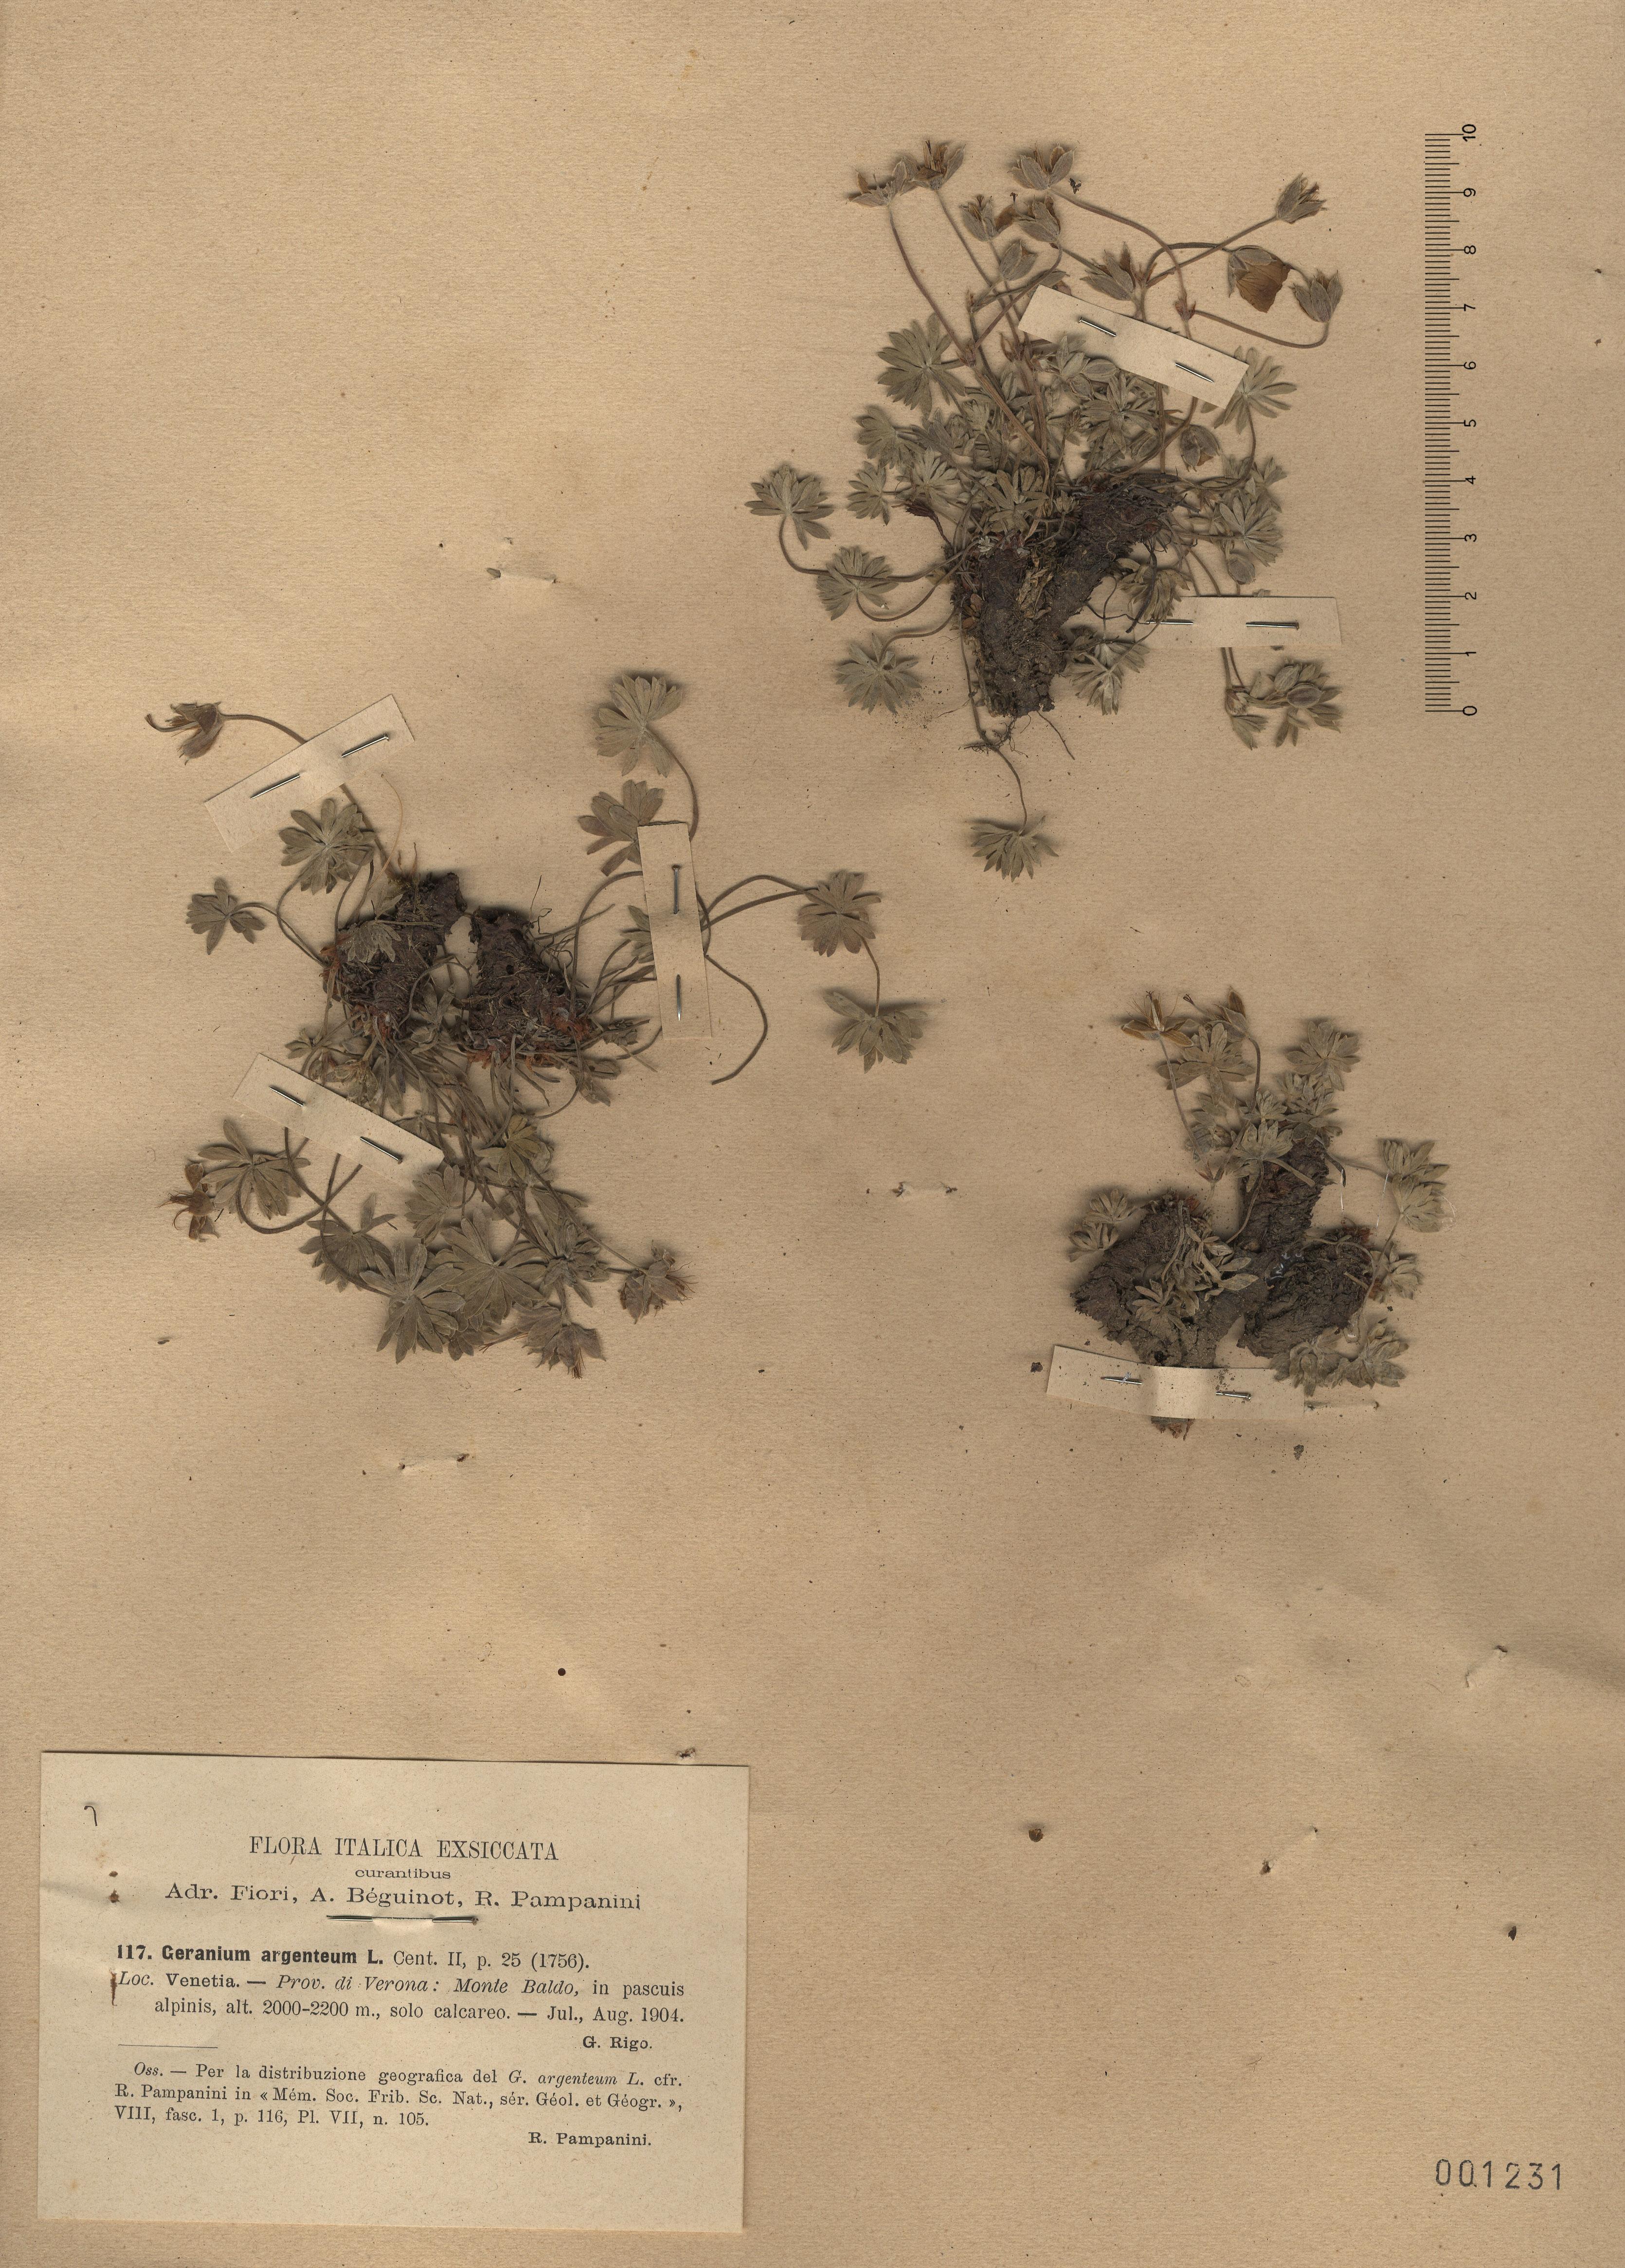 © Hortus Botanicus Catinensis - Herb. sheet 001231<br>